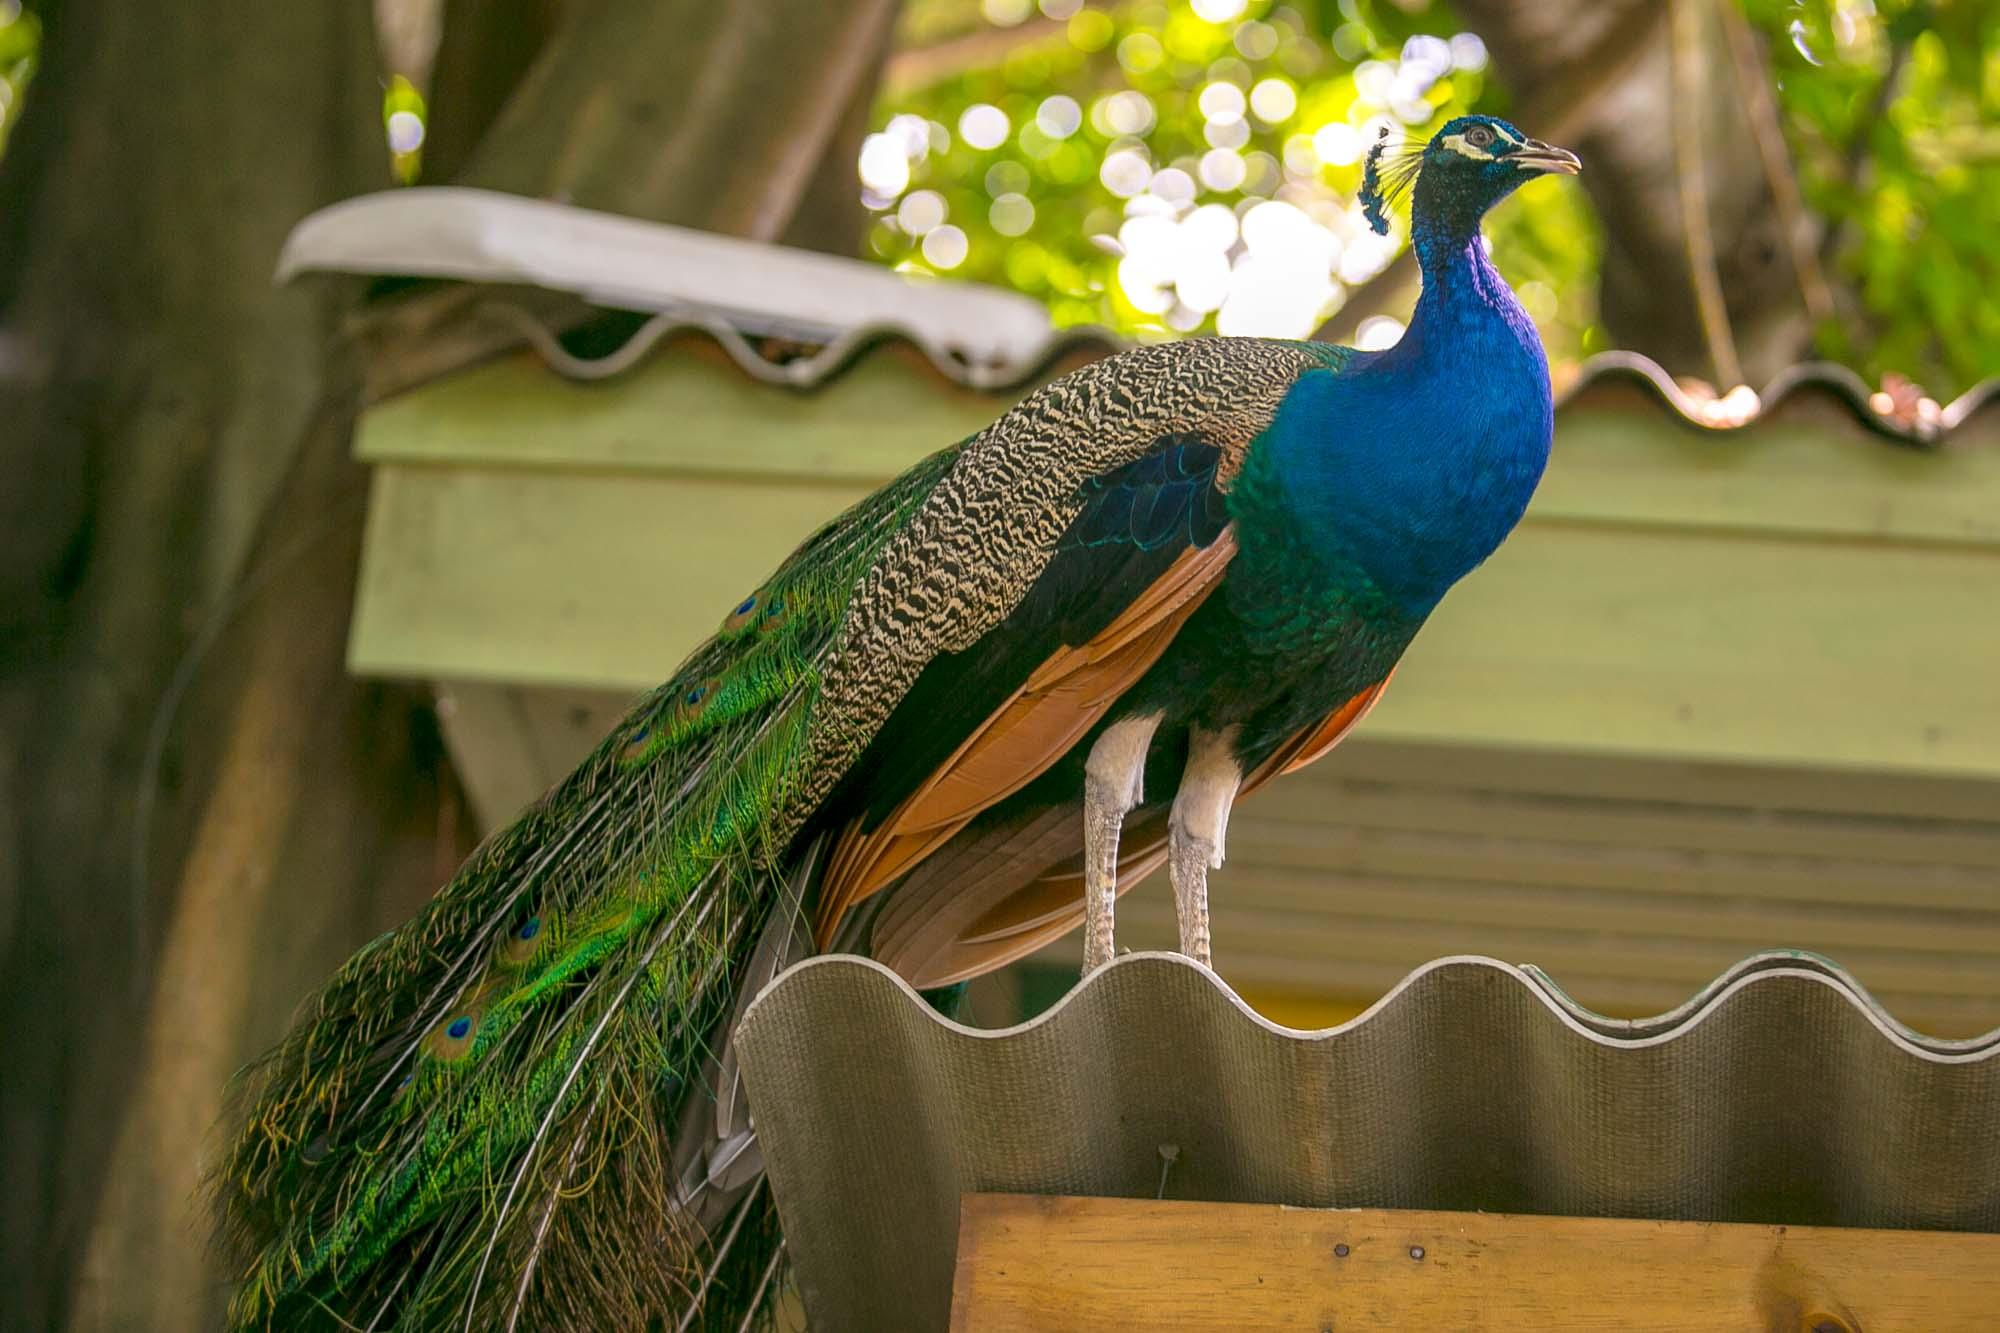 Peacock in Cartagena